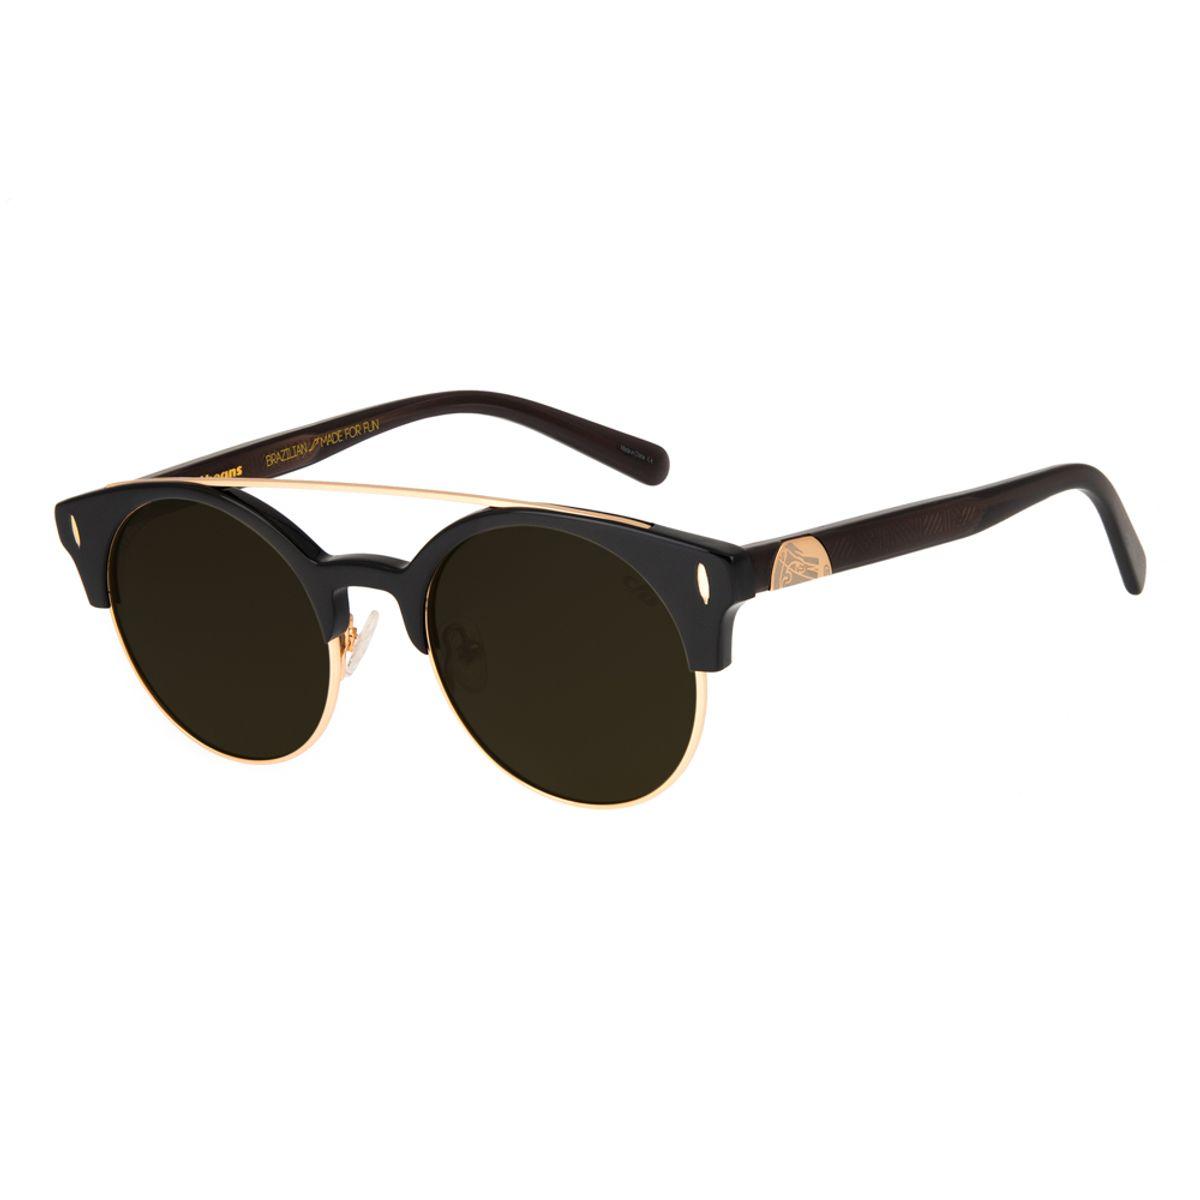 8e2d1dbf6e163 Óculos de Sol Chilli Beans Unissex Arte de Rua Cranio Penas ...